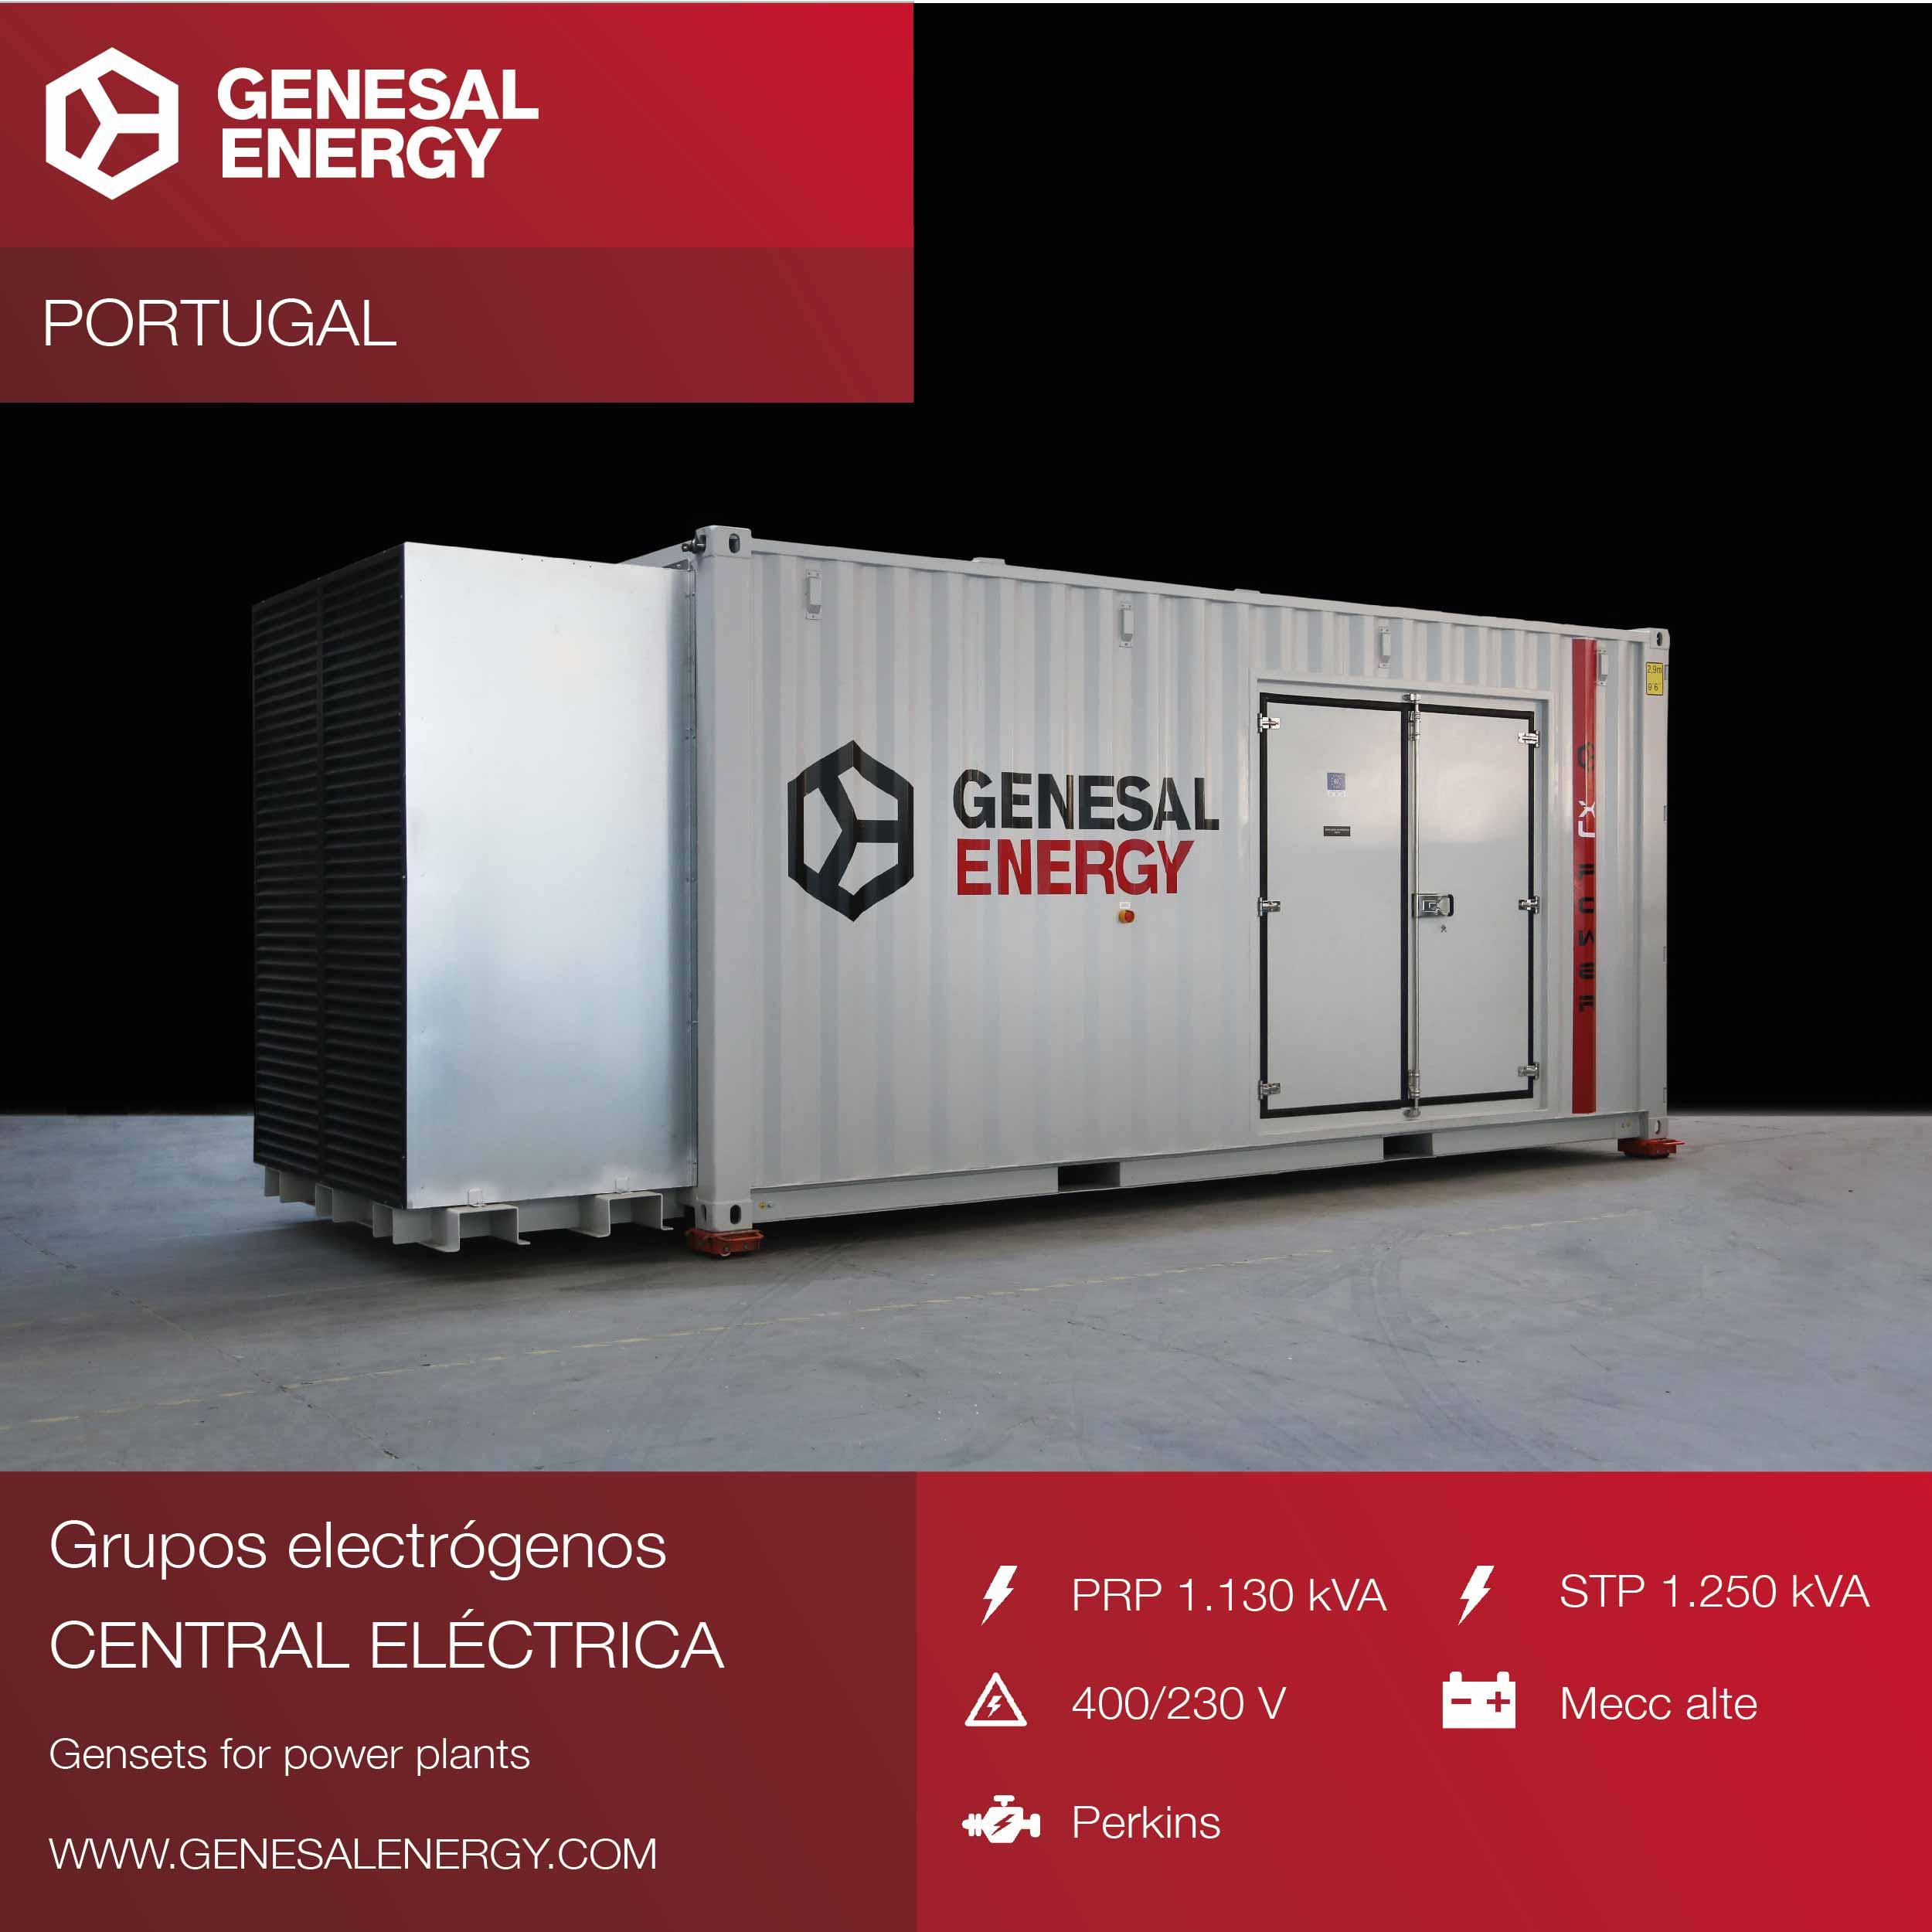 Diseñamos los grupos electrógenos para dos plantas de biomasa: las centrales de Viseu y Fundão, en Portugal